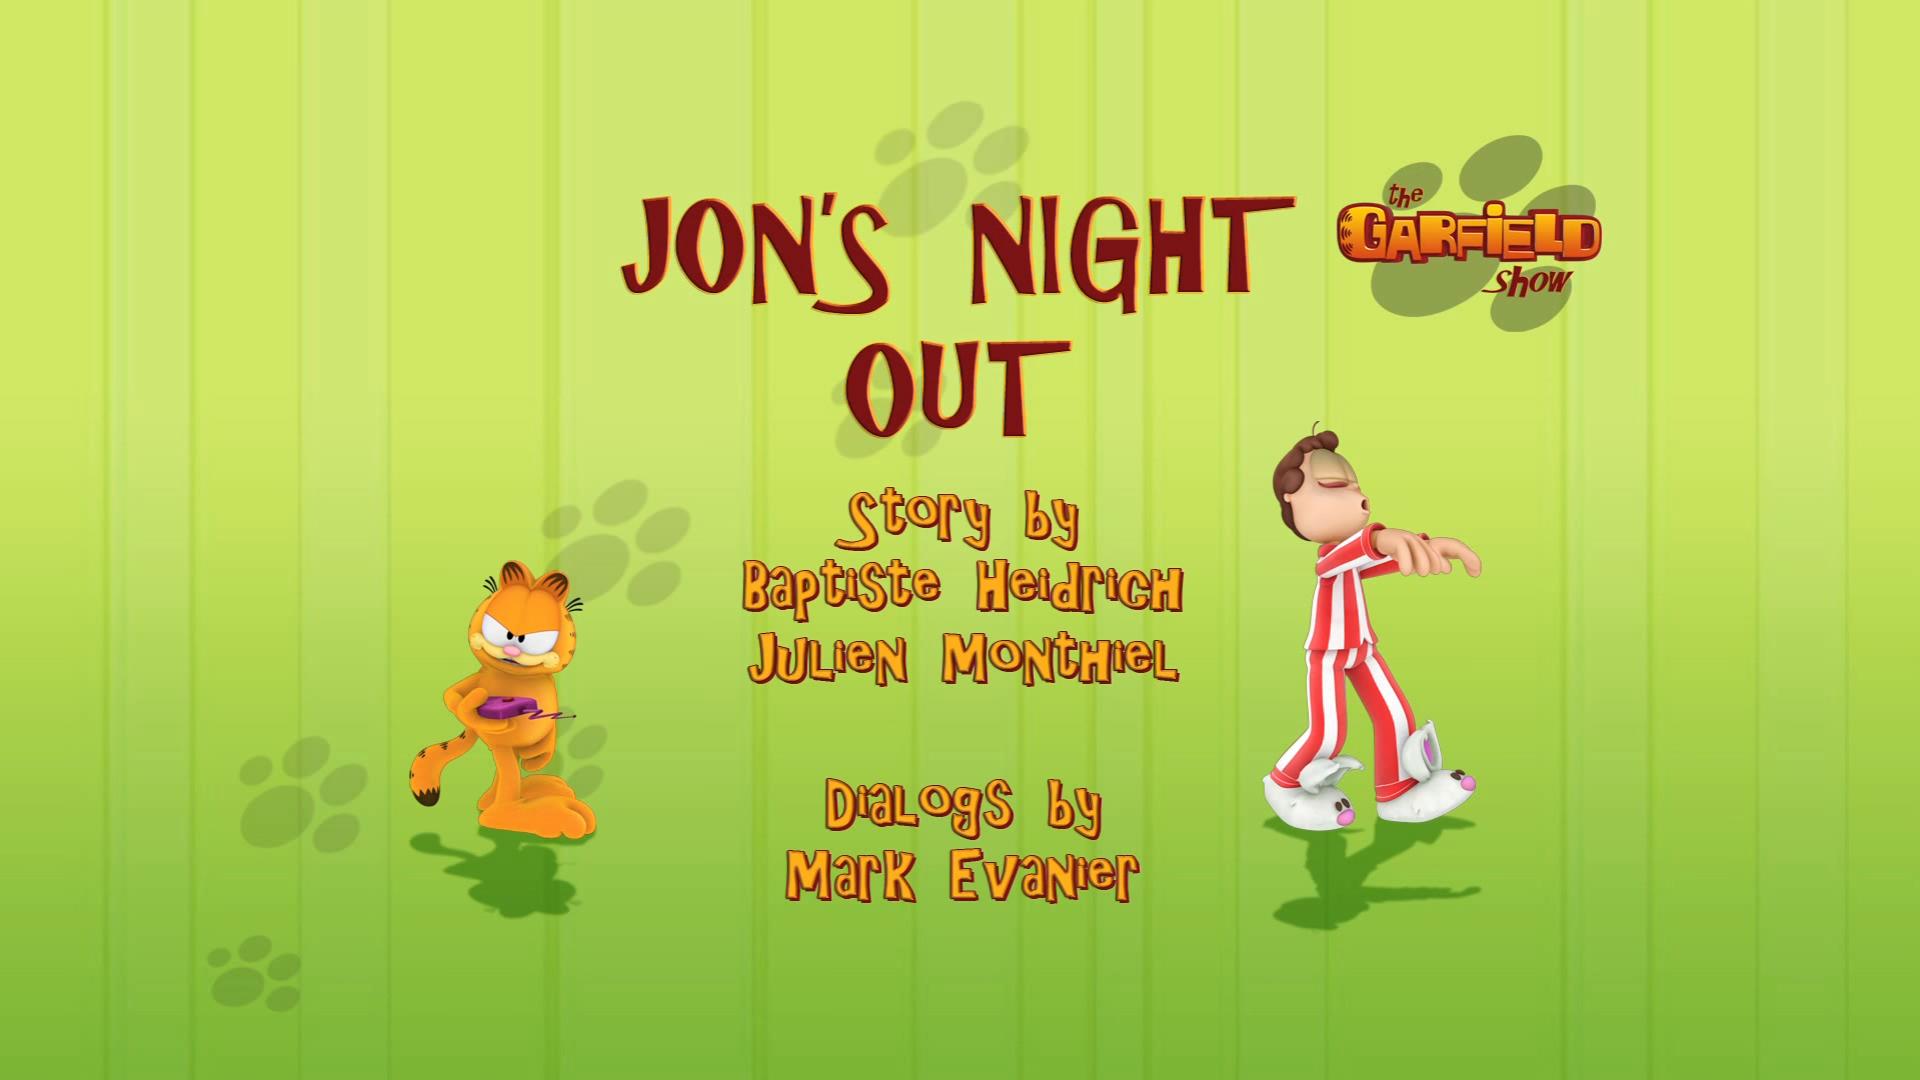 Jon's Night Out